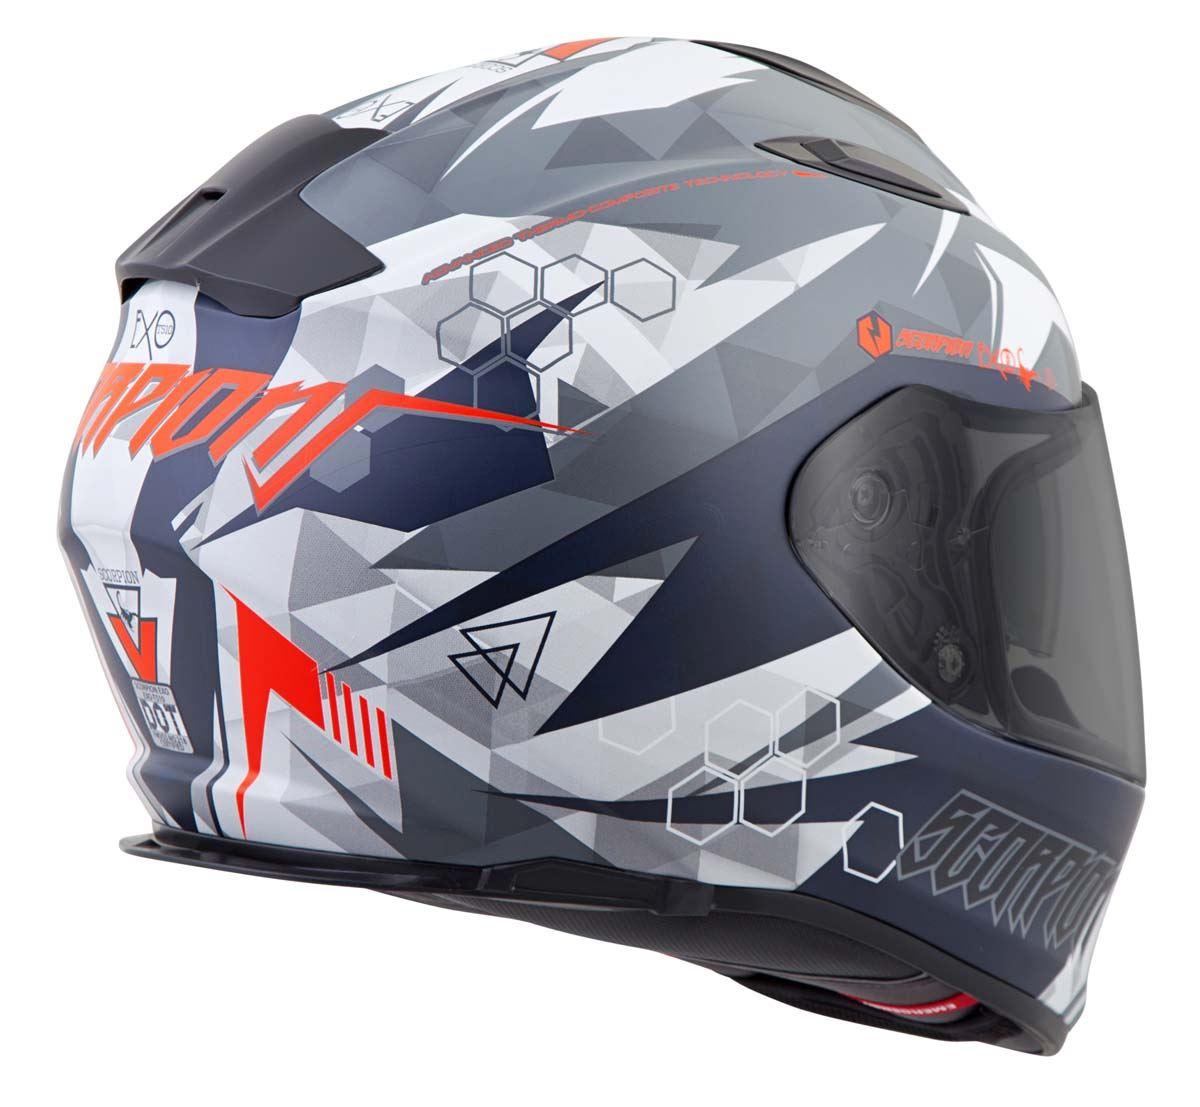 Scorpion-EXO-T510-Helmet-Full-Face-DOT-Approved-Inner-Sun-Shield miniature 52